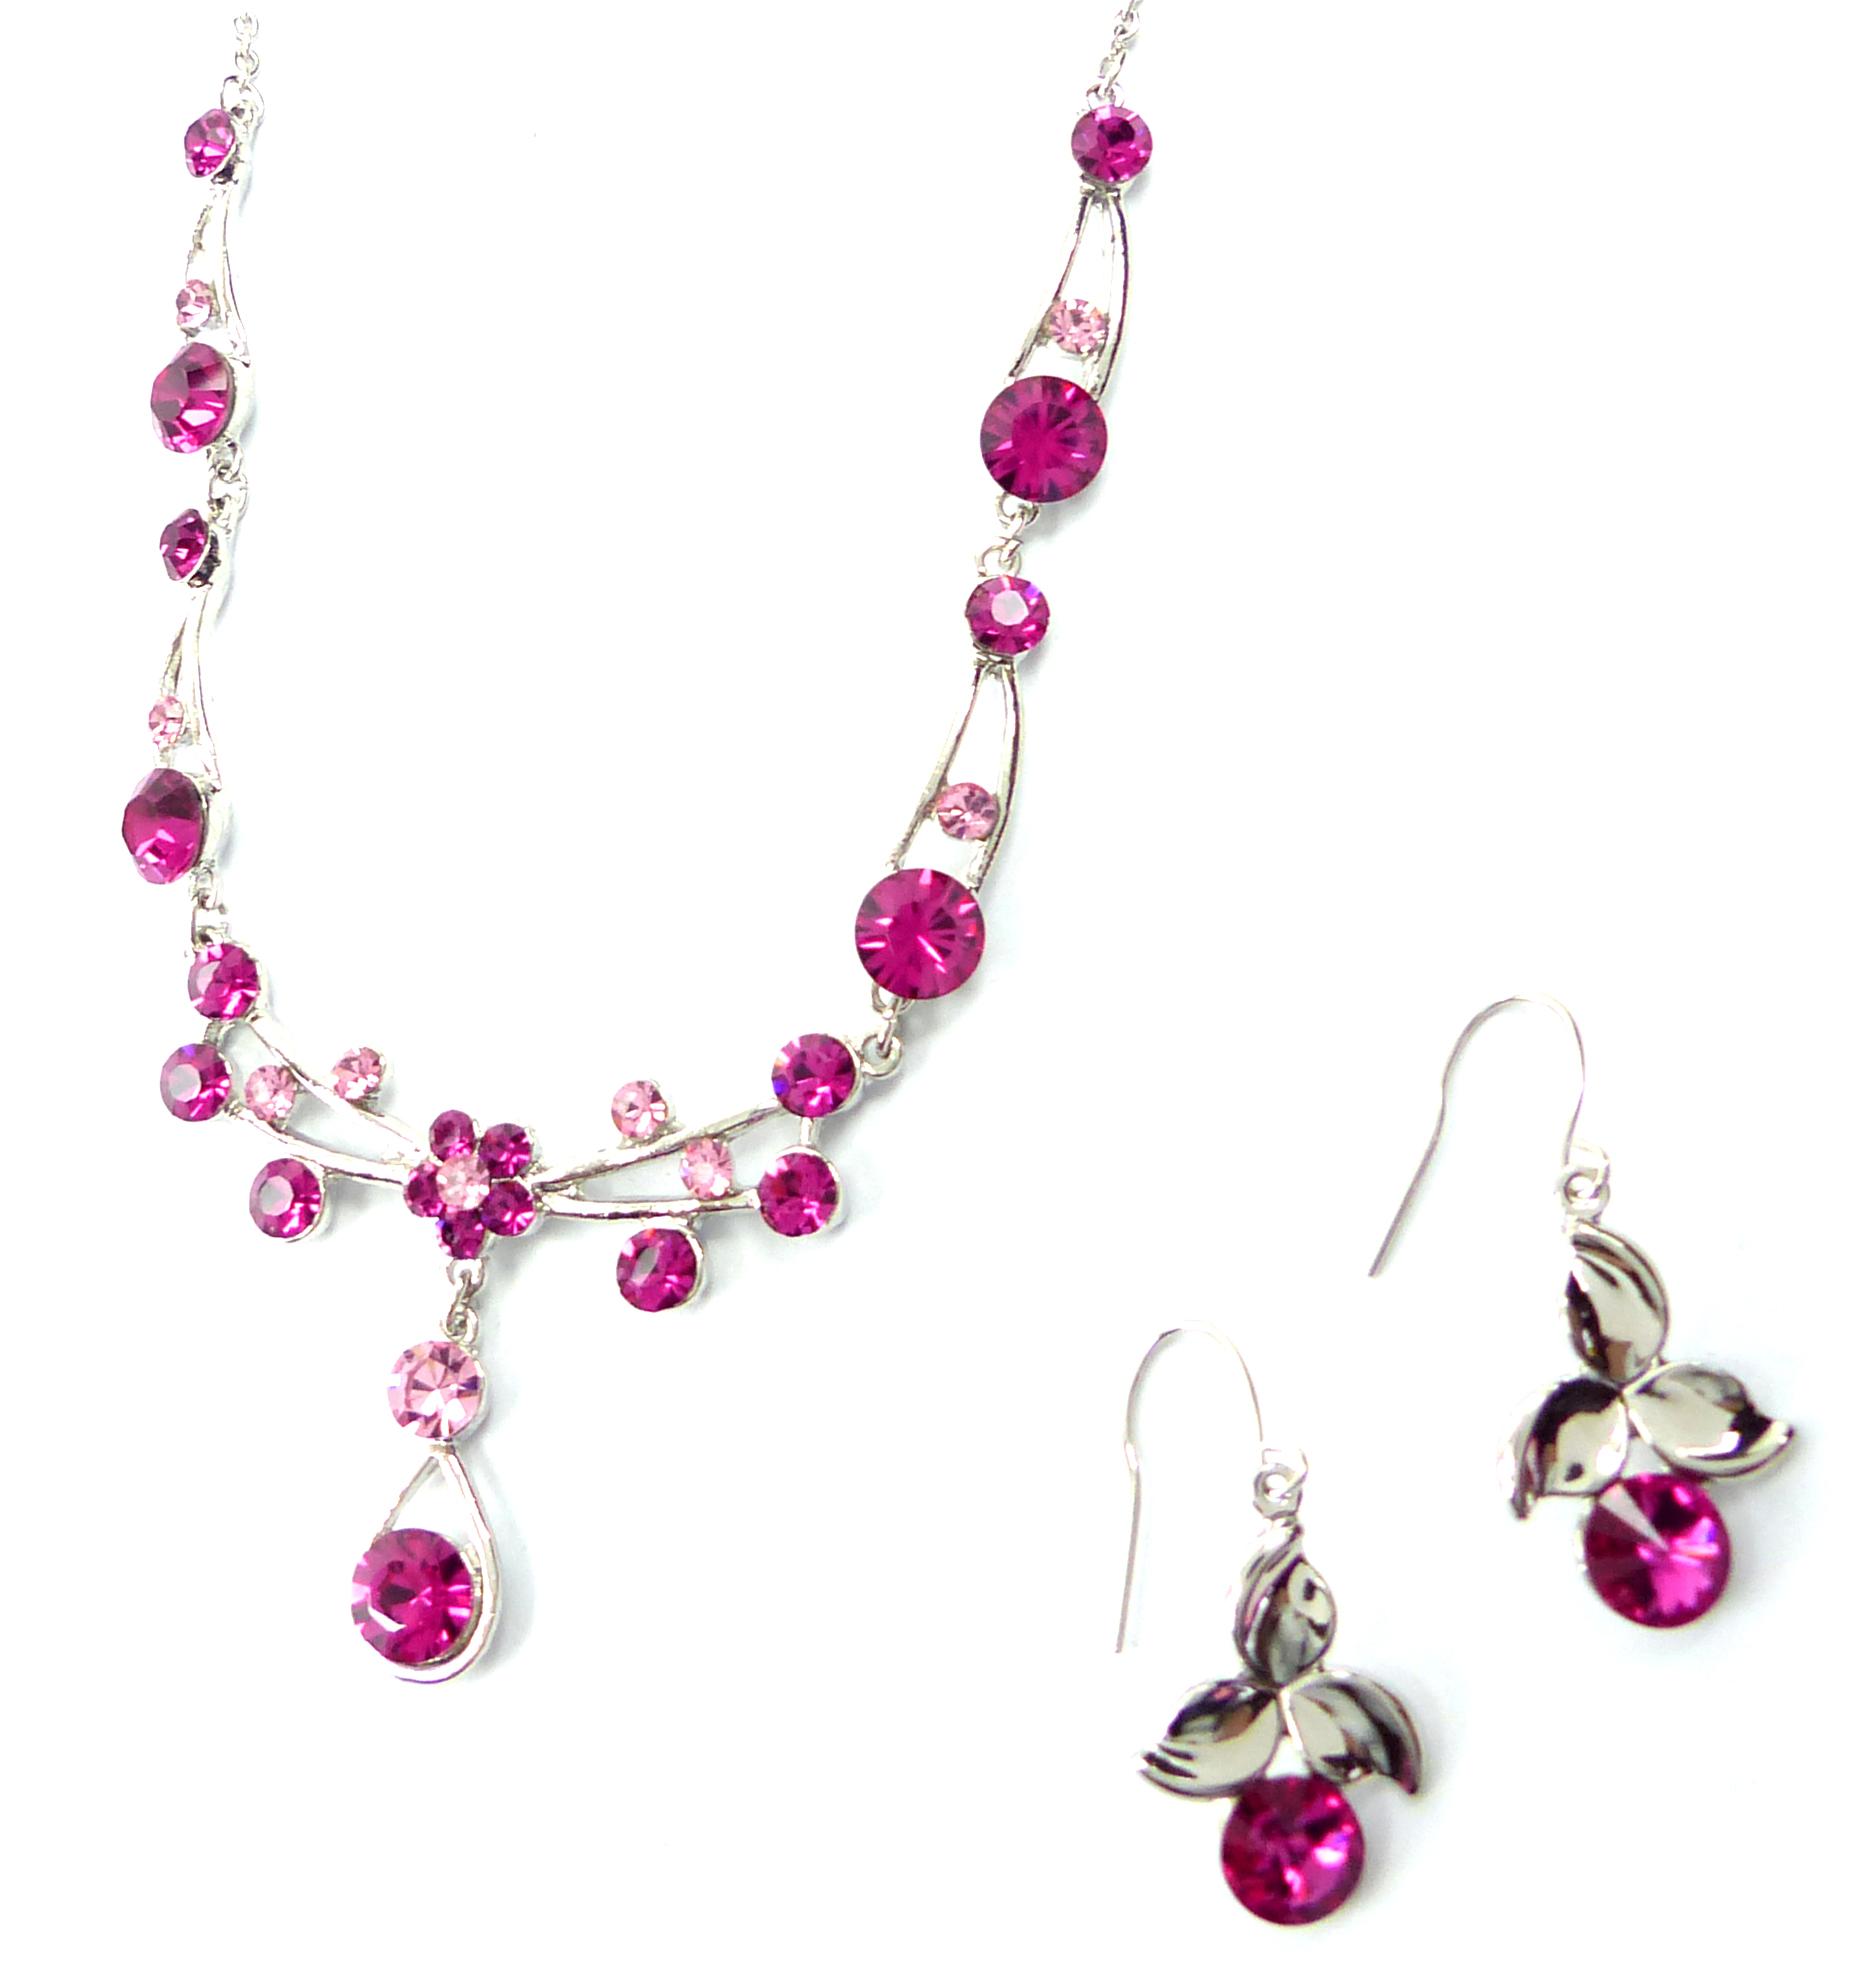 damen schmuck set silber mit swarovski steinen besetzt halskette ohrringe pink. Black Bedroom Furniture Sets. Home Design Ideas